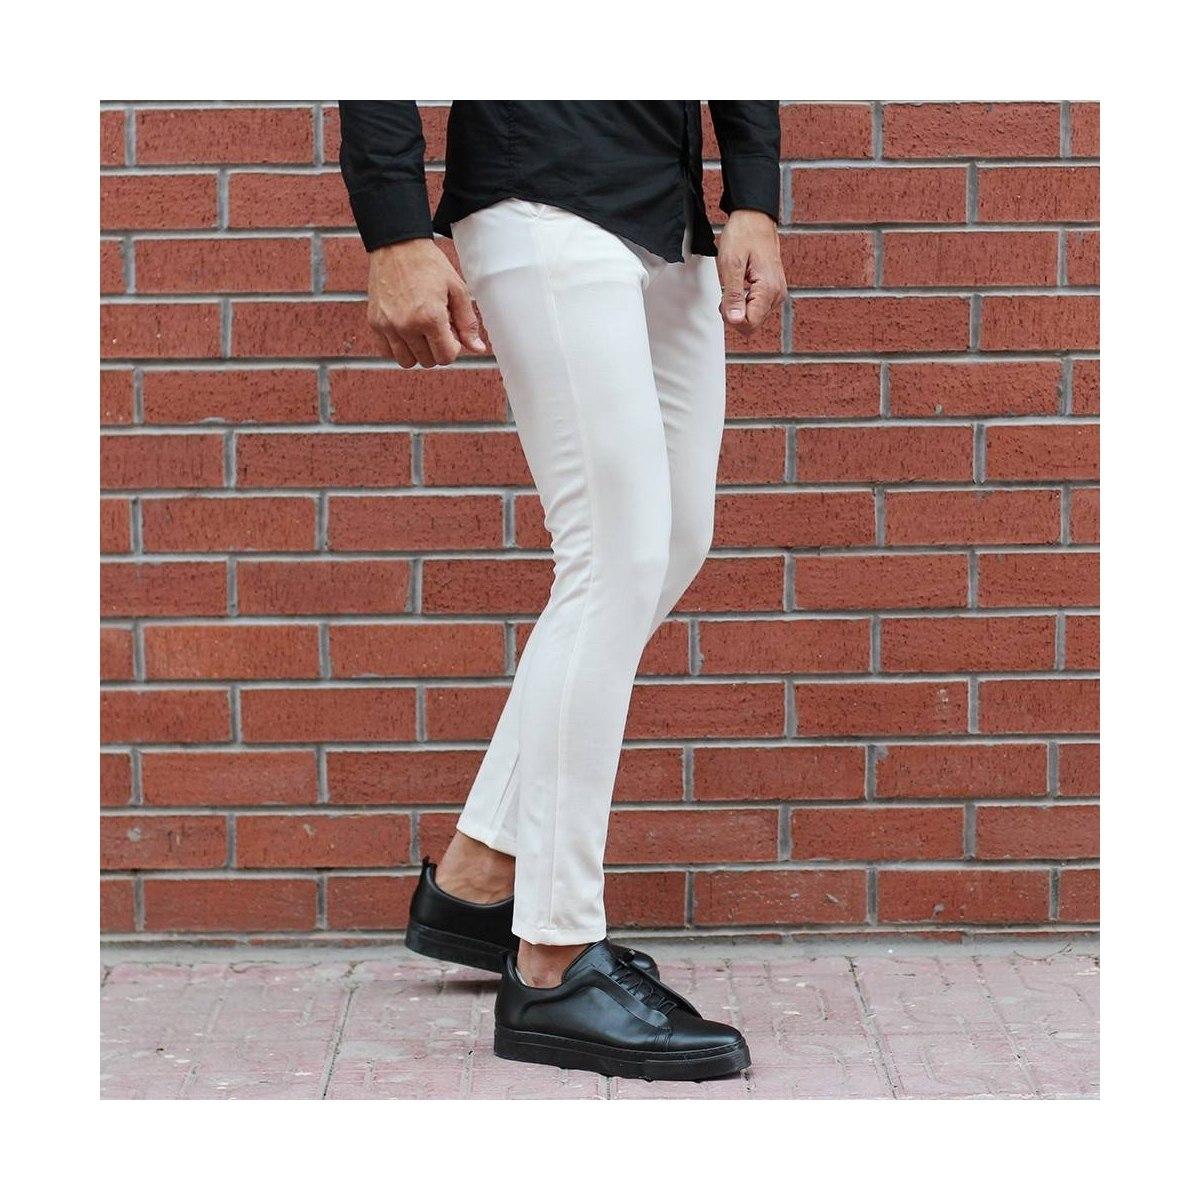 Men's Basic Stylish Skinny Jeans MV Jeans Collection - 2